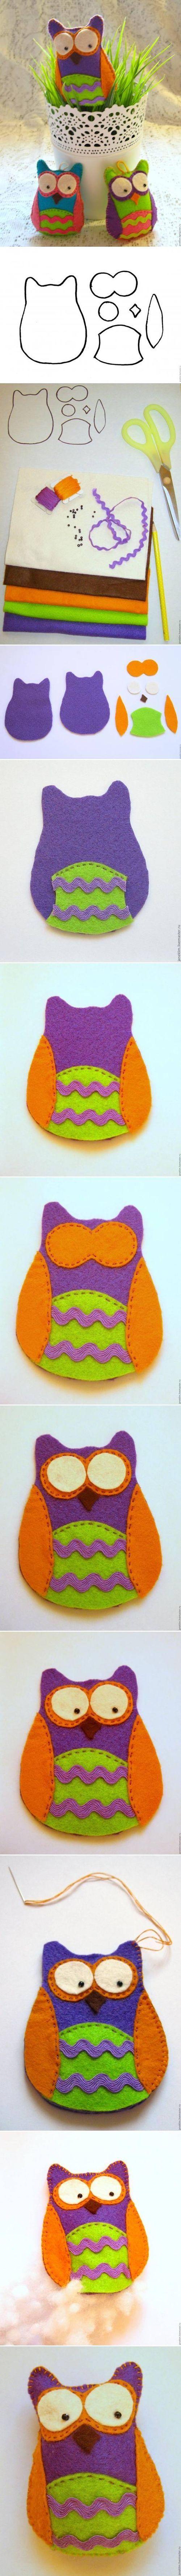 DIY Felt Owl diy craft crafts craft ideas easy crafts diy crafts easy diy kids crafts kids diy easy craft diy sewing kids craft sewing ideas sewing idea diy idas sewing crafts